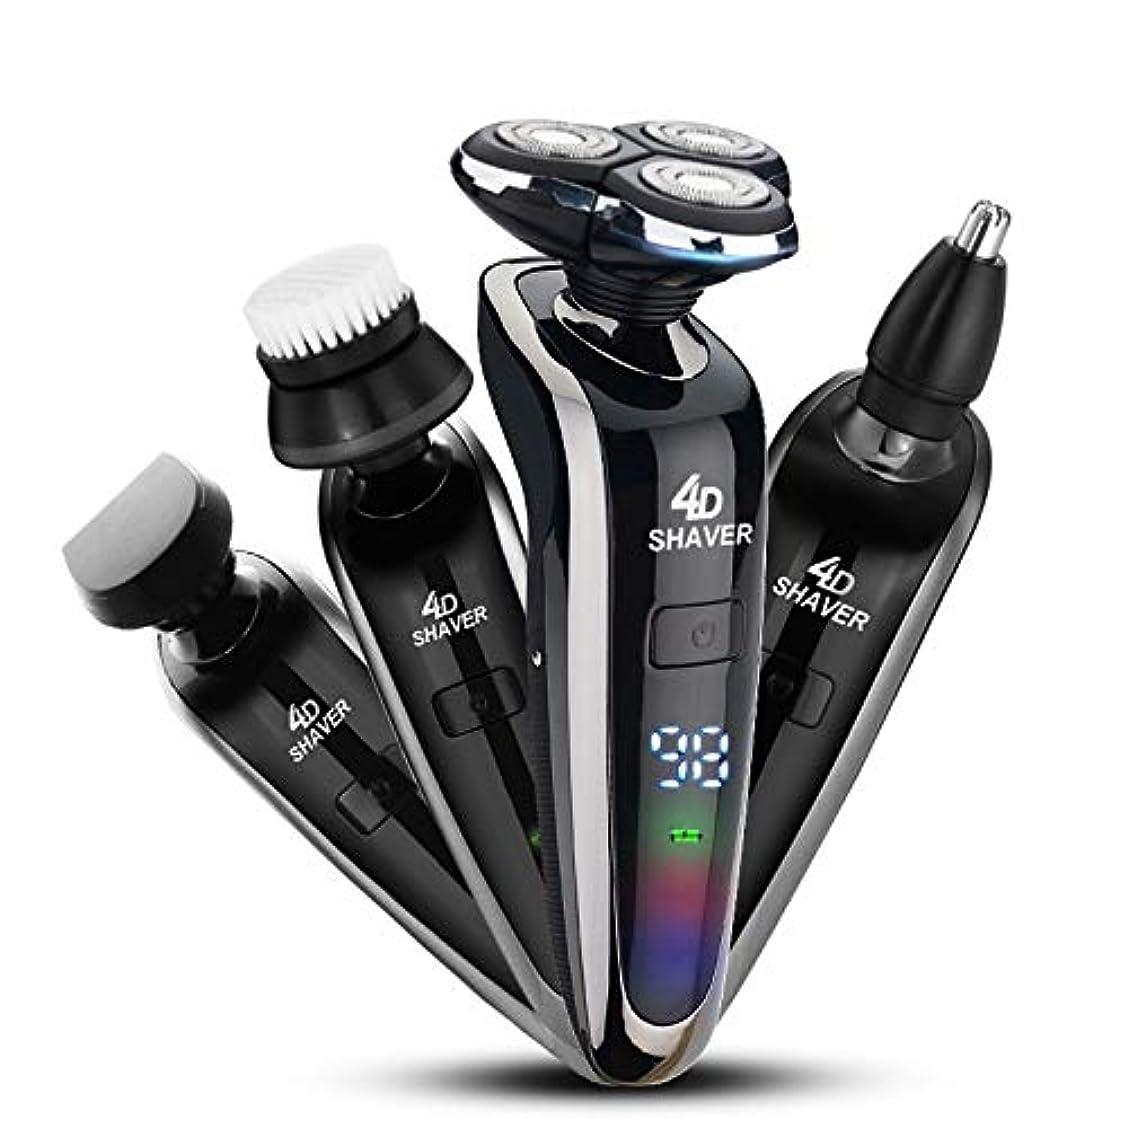 群衆お勧め殺人メンズ電気シェーバー 3枚刃 4 in 1髭剃り USB充電式 LEDディスプレイー お風呂剃り可能 トリマーと鼻毛カッター 洗顔ブラシ付き 防水仕様IPX基準 本体丸洗い可能